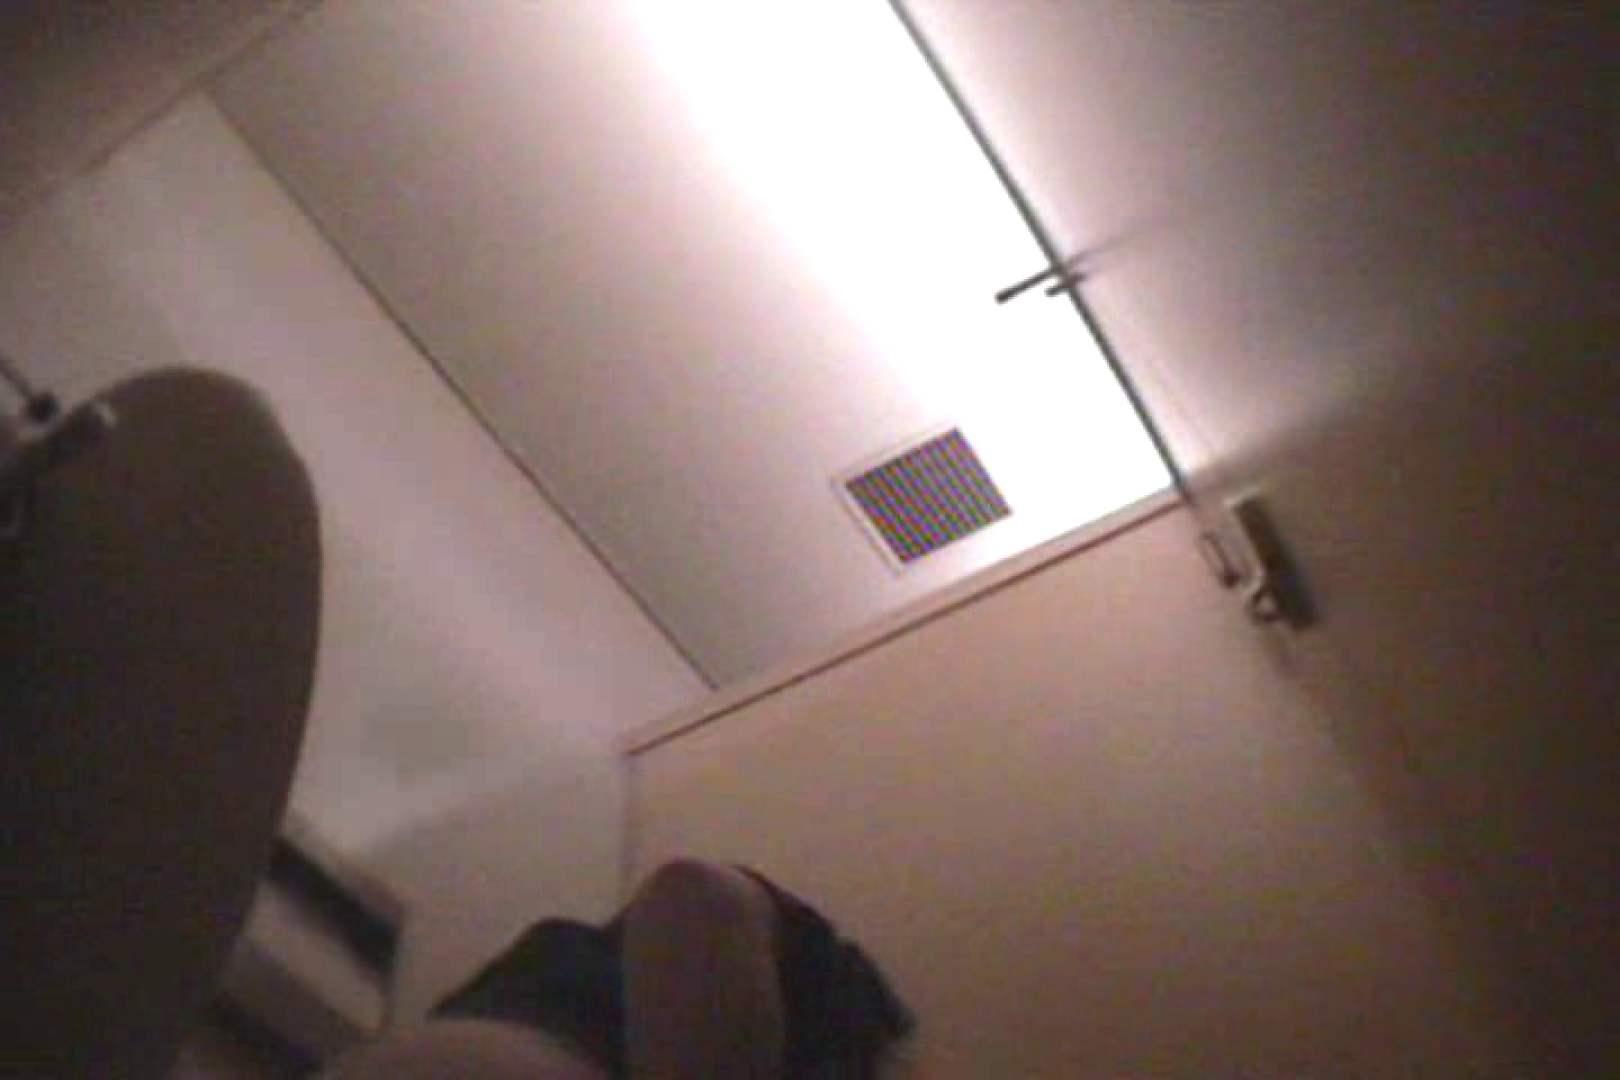 水泳部洗面所Vol.2 洗面所 隠し撮りAV無料 64画像 62